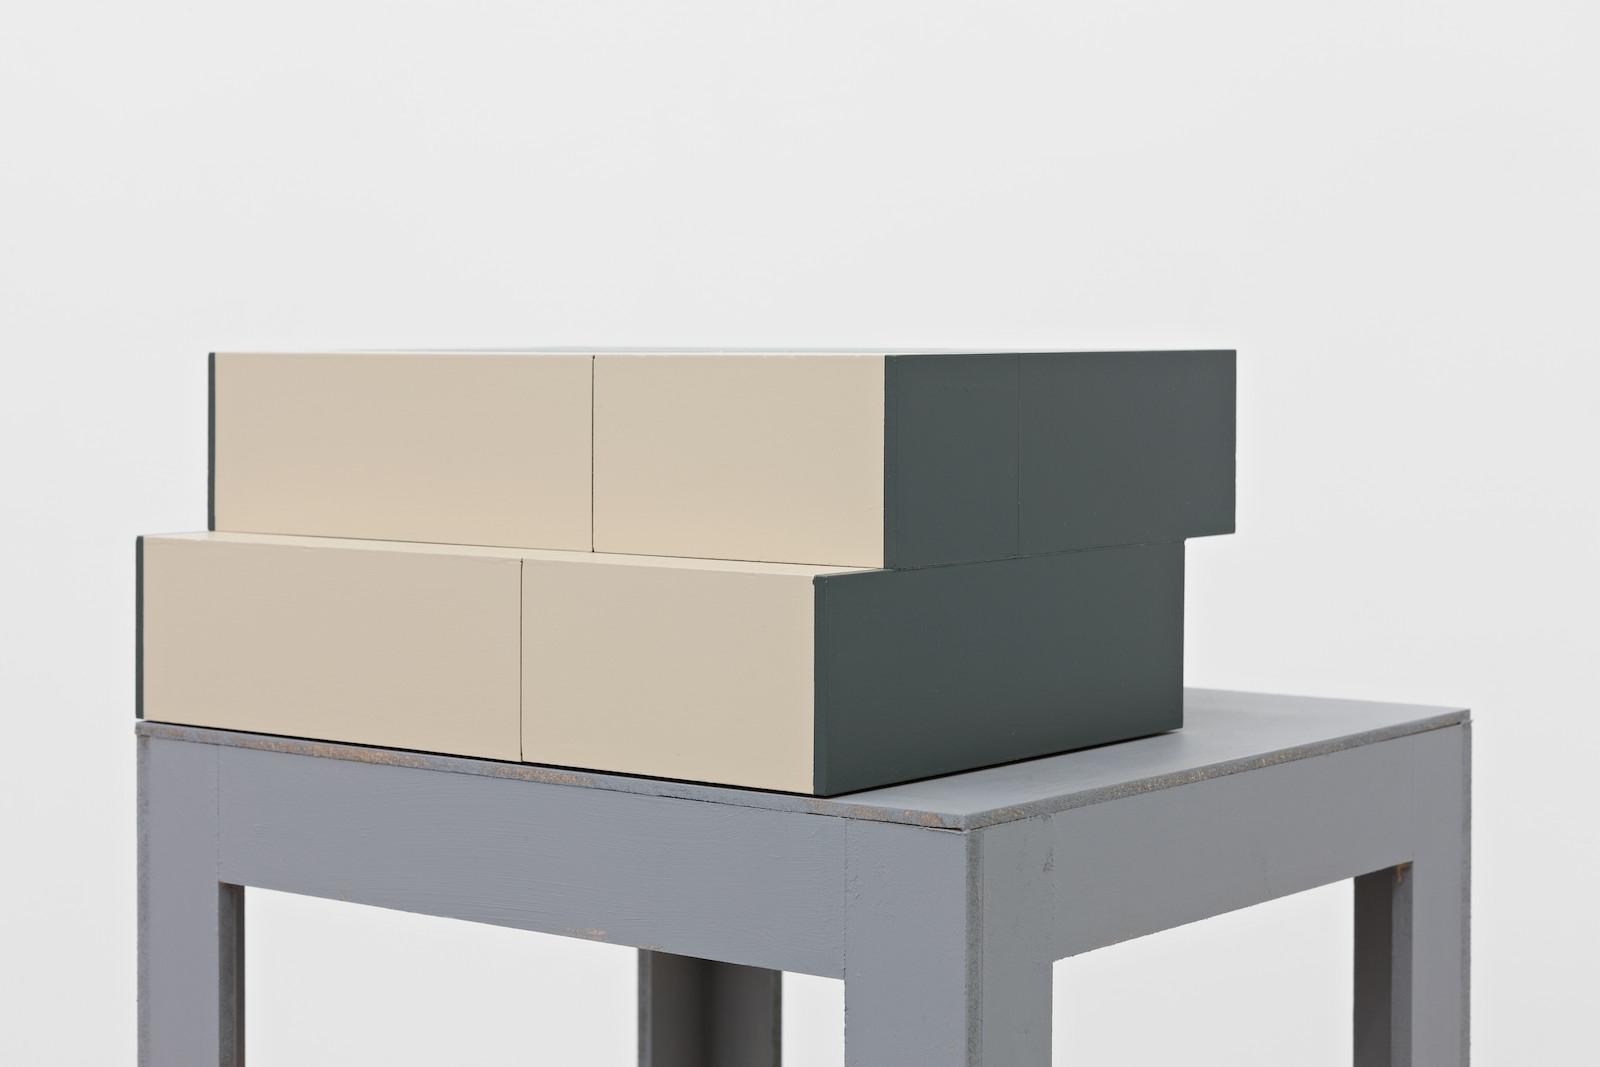 Chosement V, 2014, acrylic on MDF, 15 x 36 x 26,3 cm